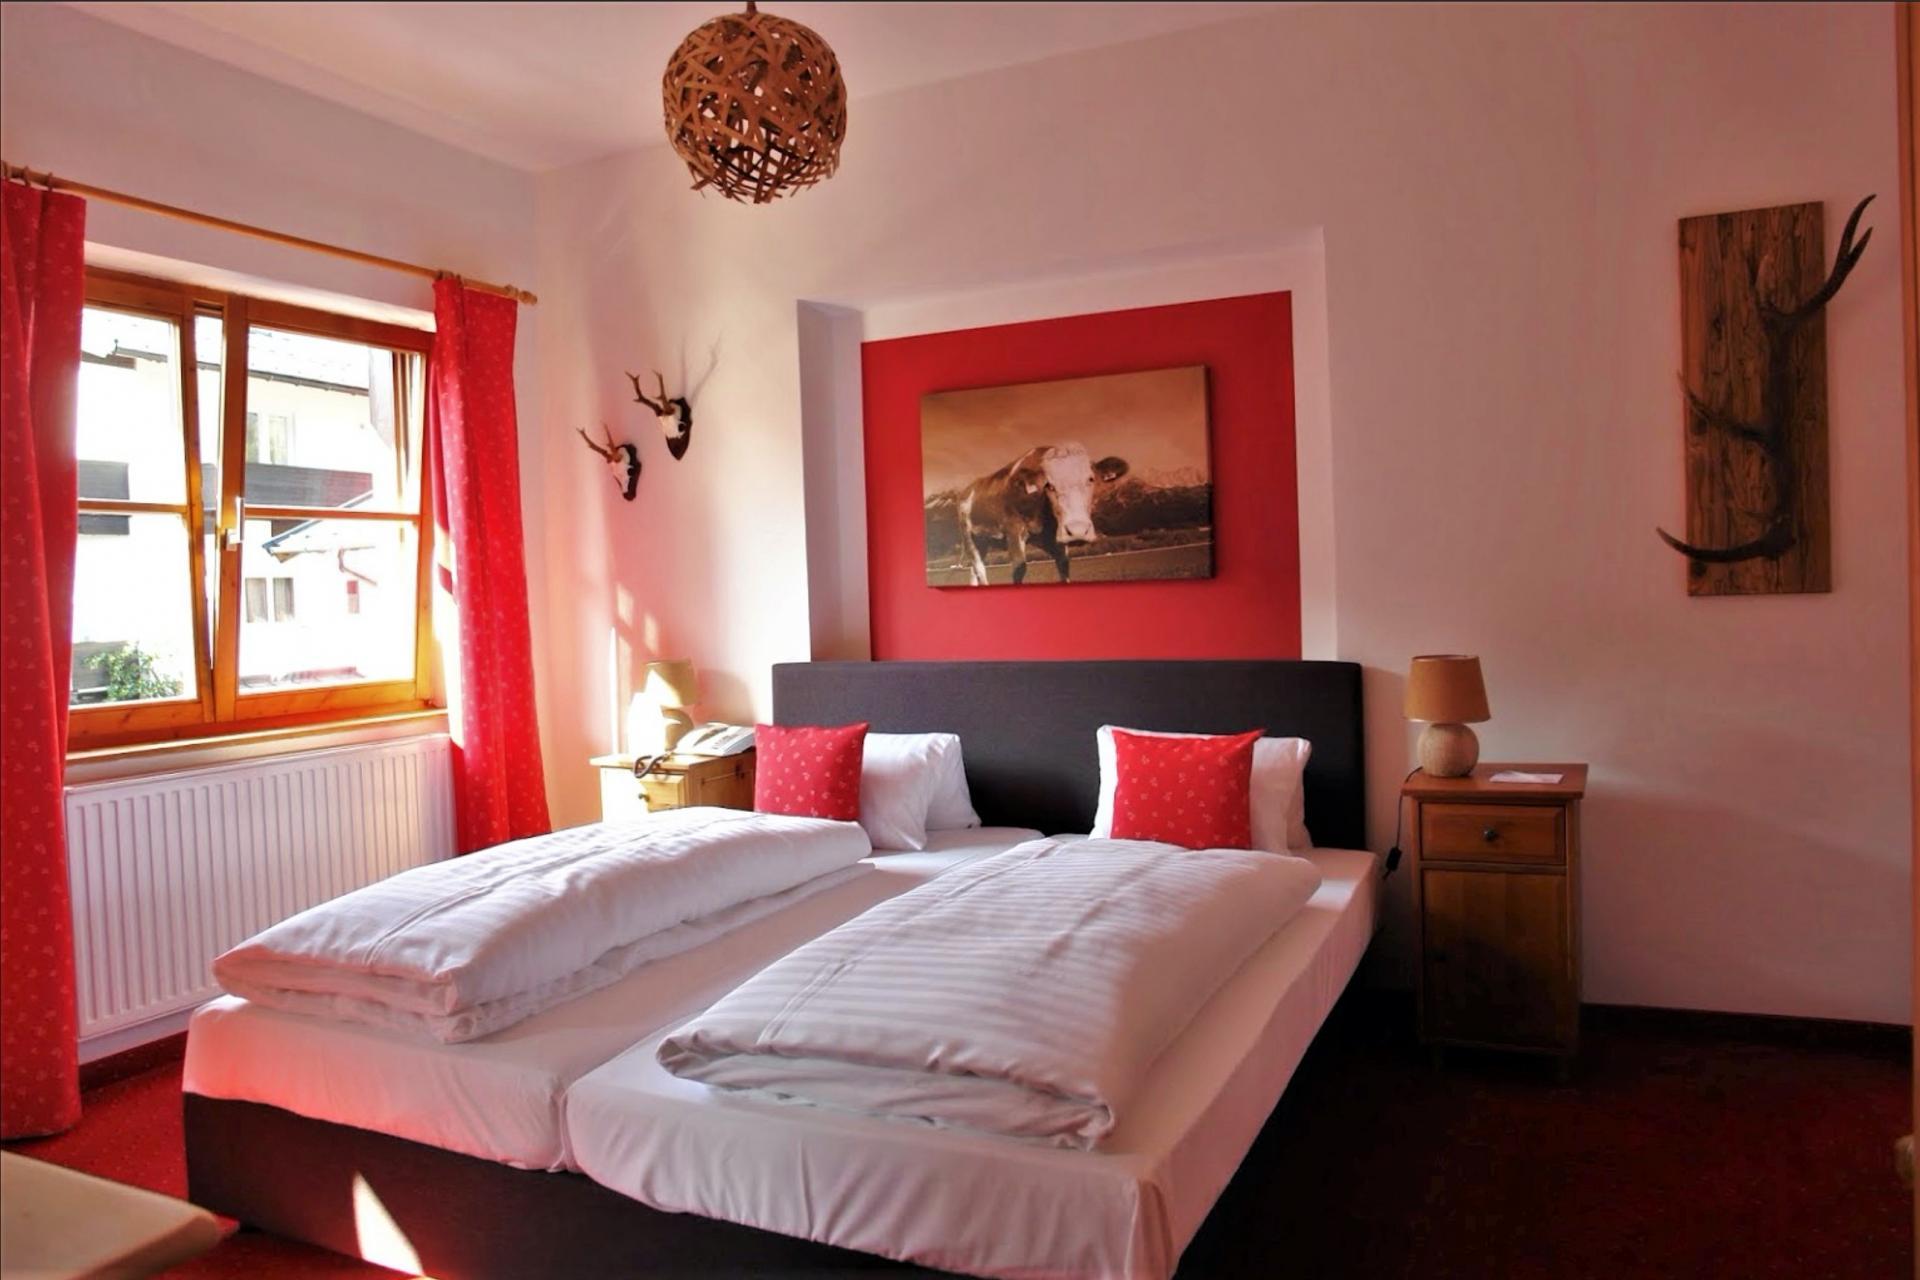 Doppelzimmer #Wohneinheiten#Bildergalerie